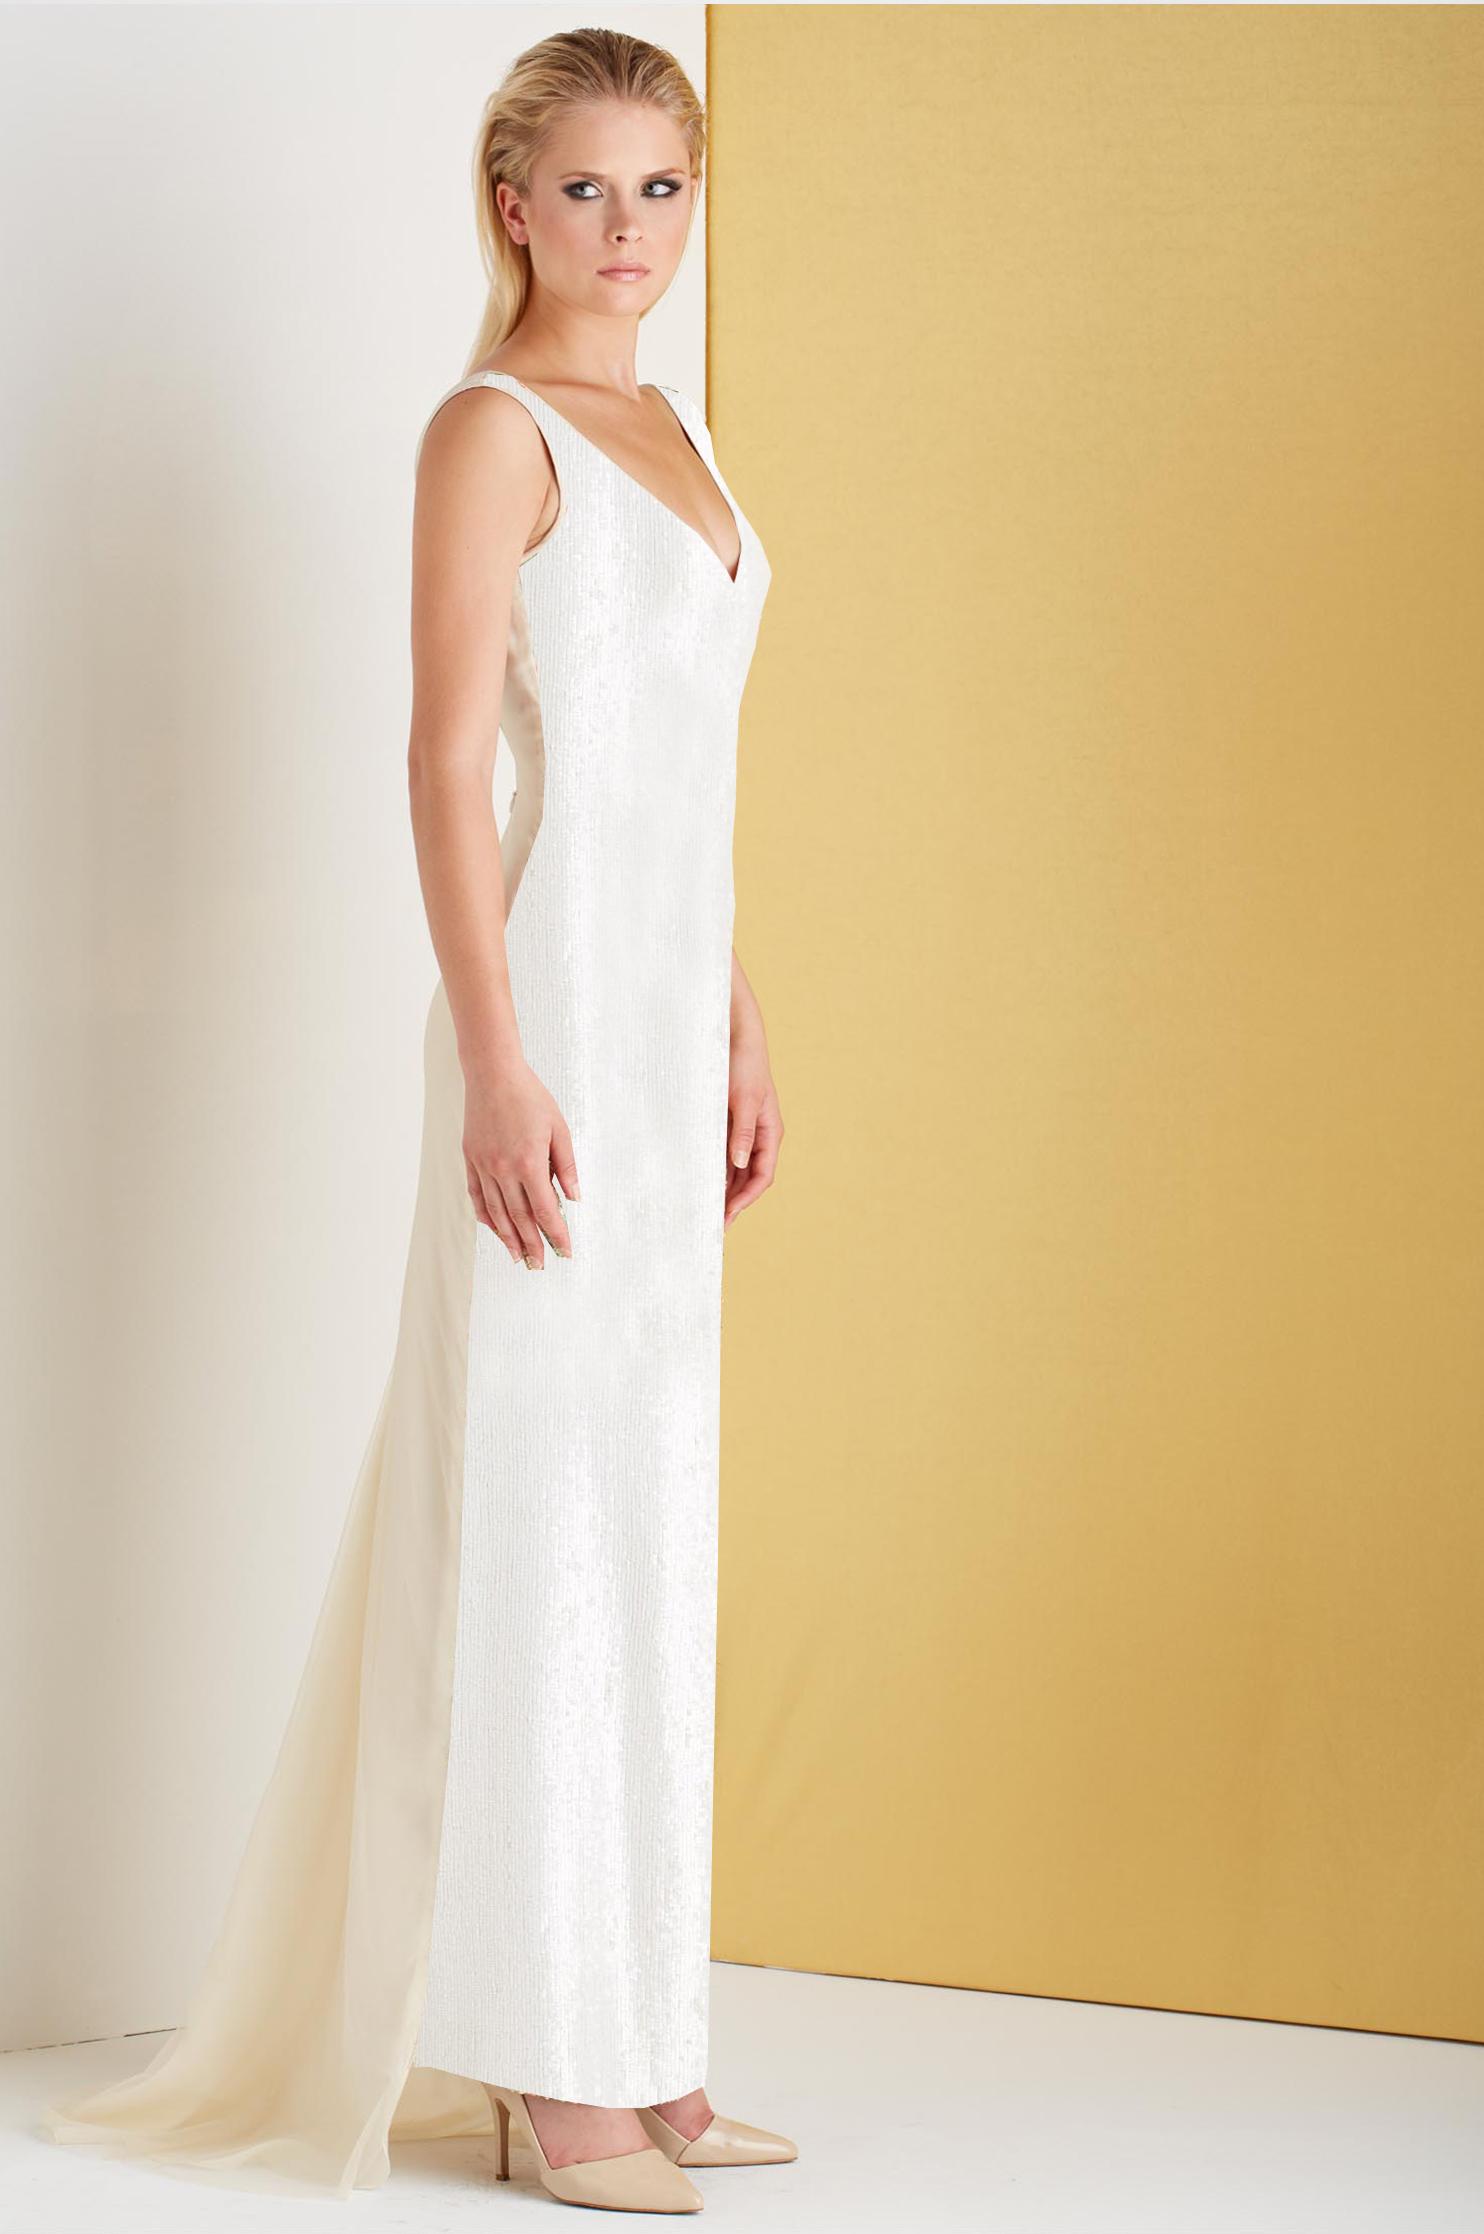 dress_KAMILA_04 - Copy